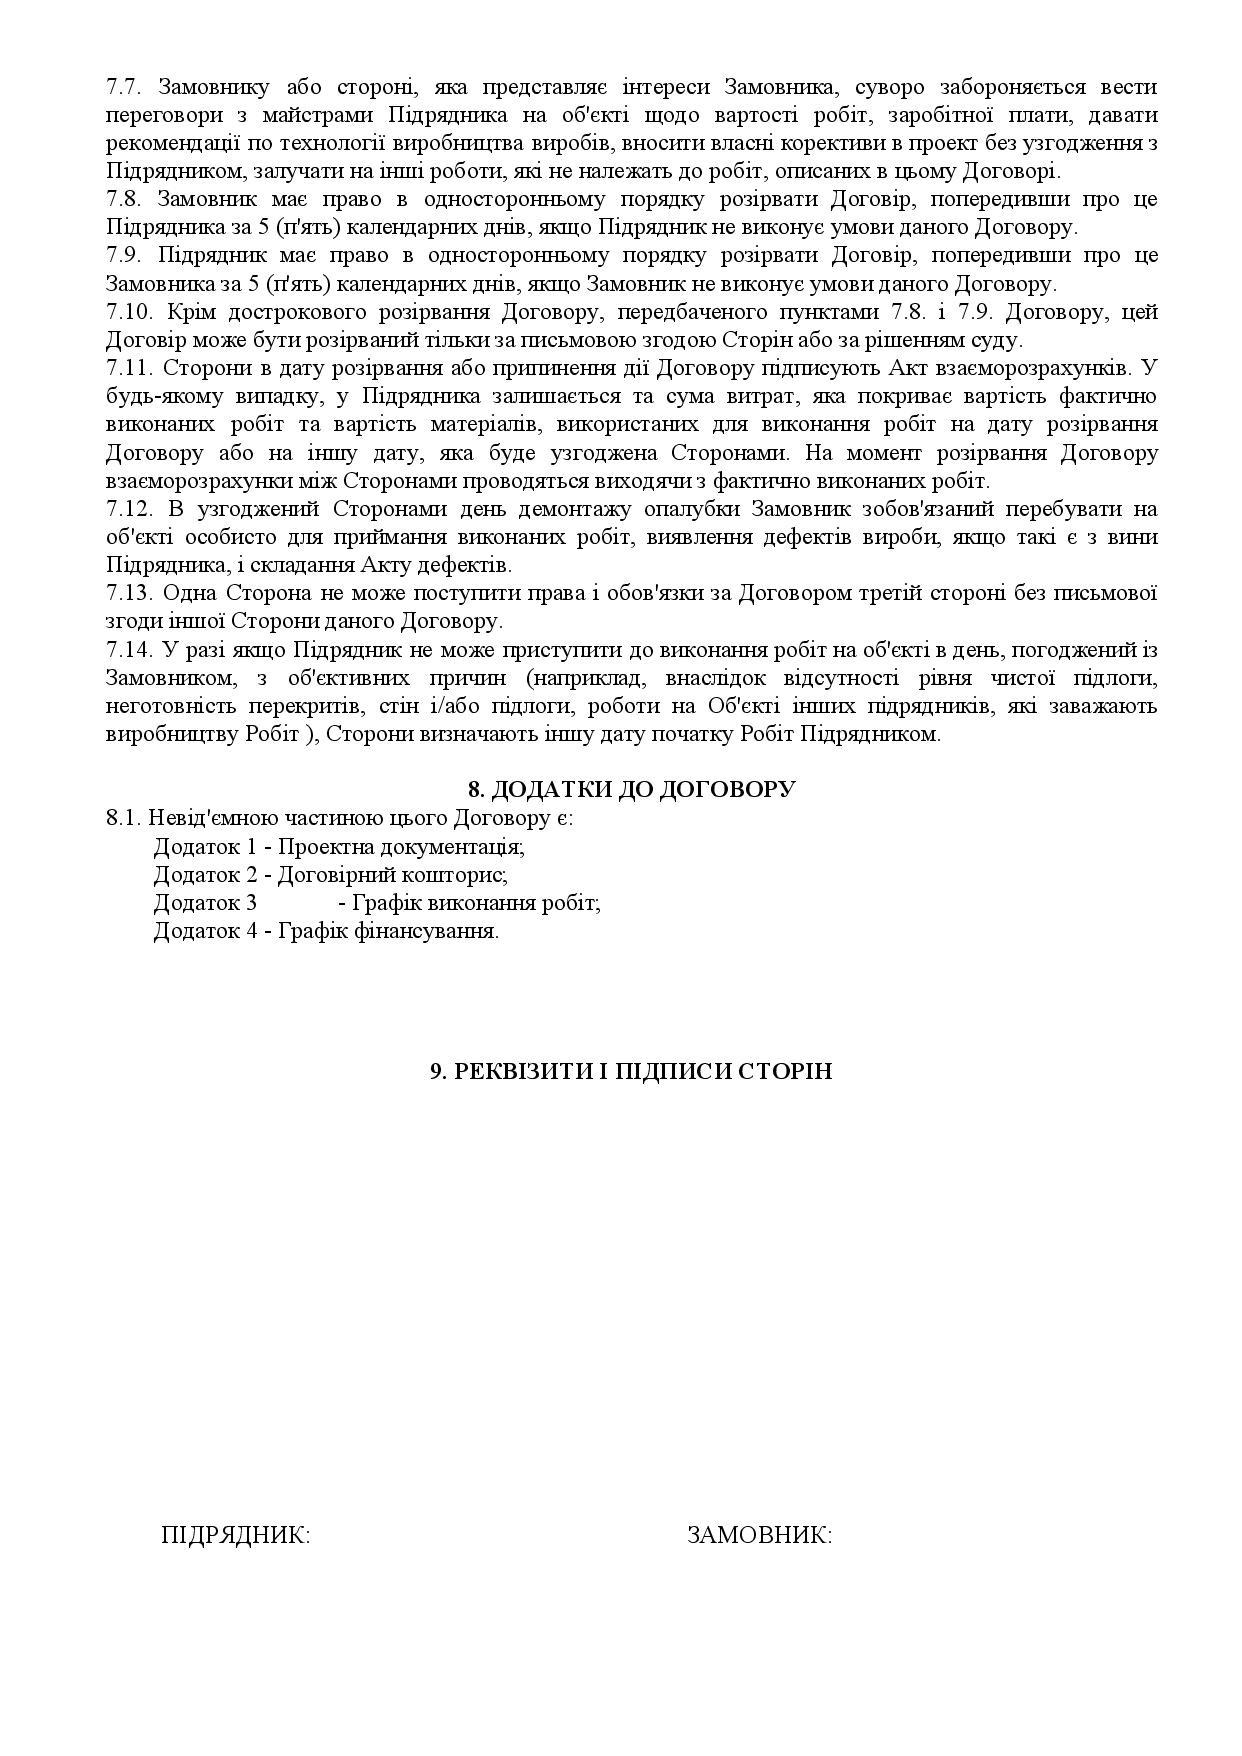 Зразок договору сторінка 4